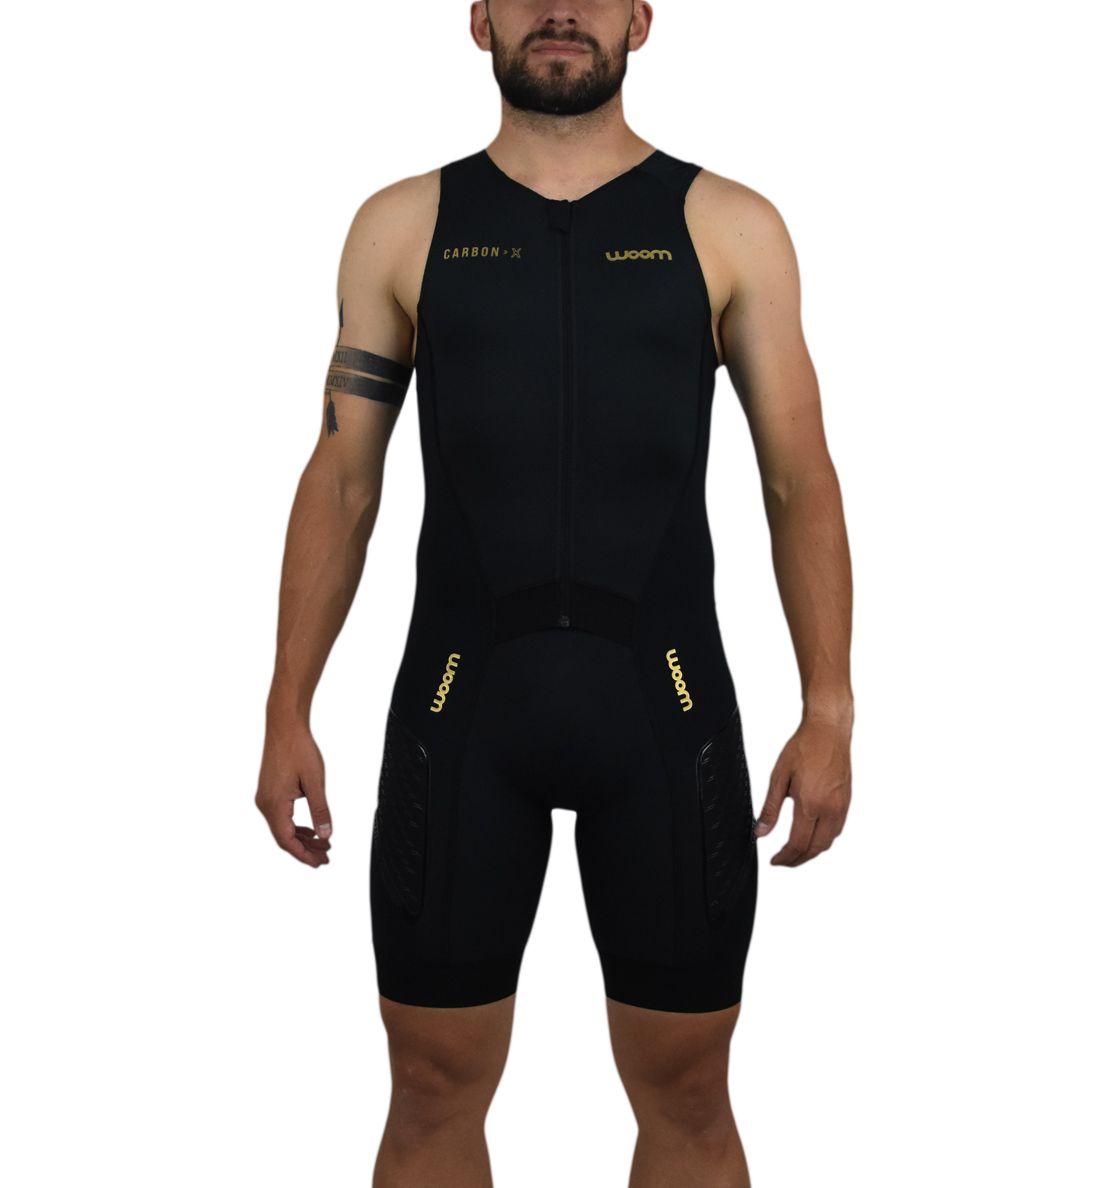 Macaquinho Triathlon 140 Carbon - Masc - 2019